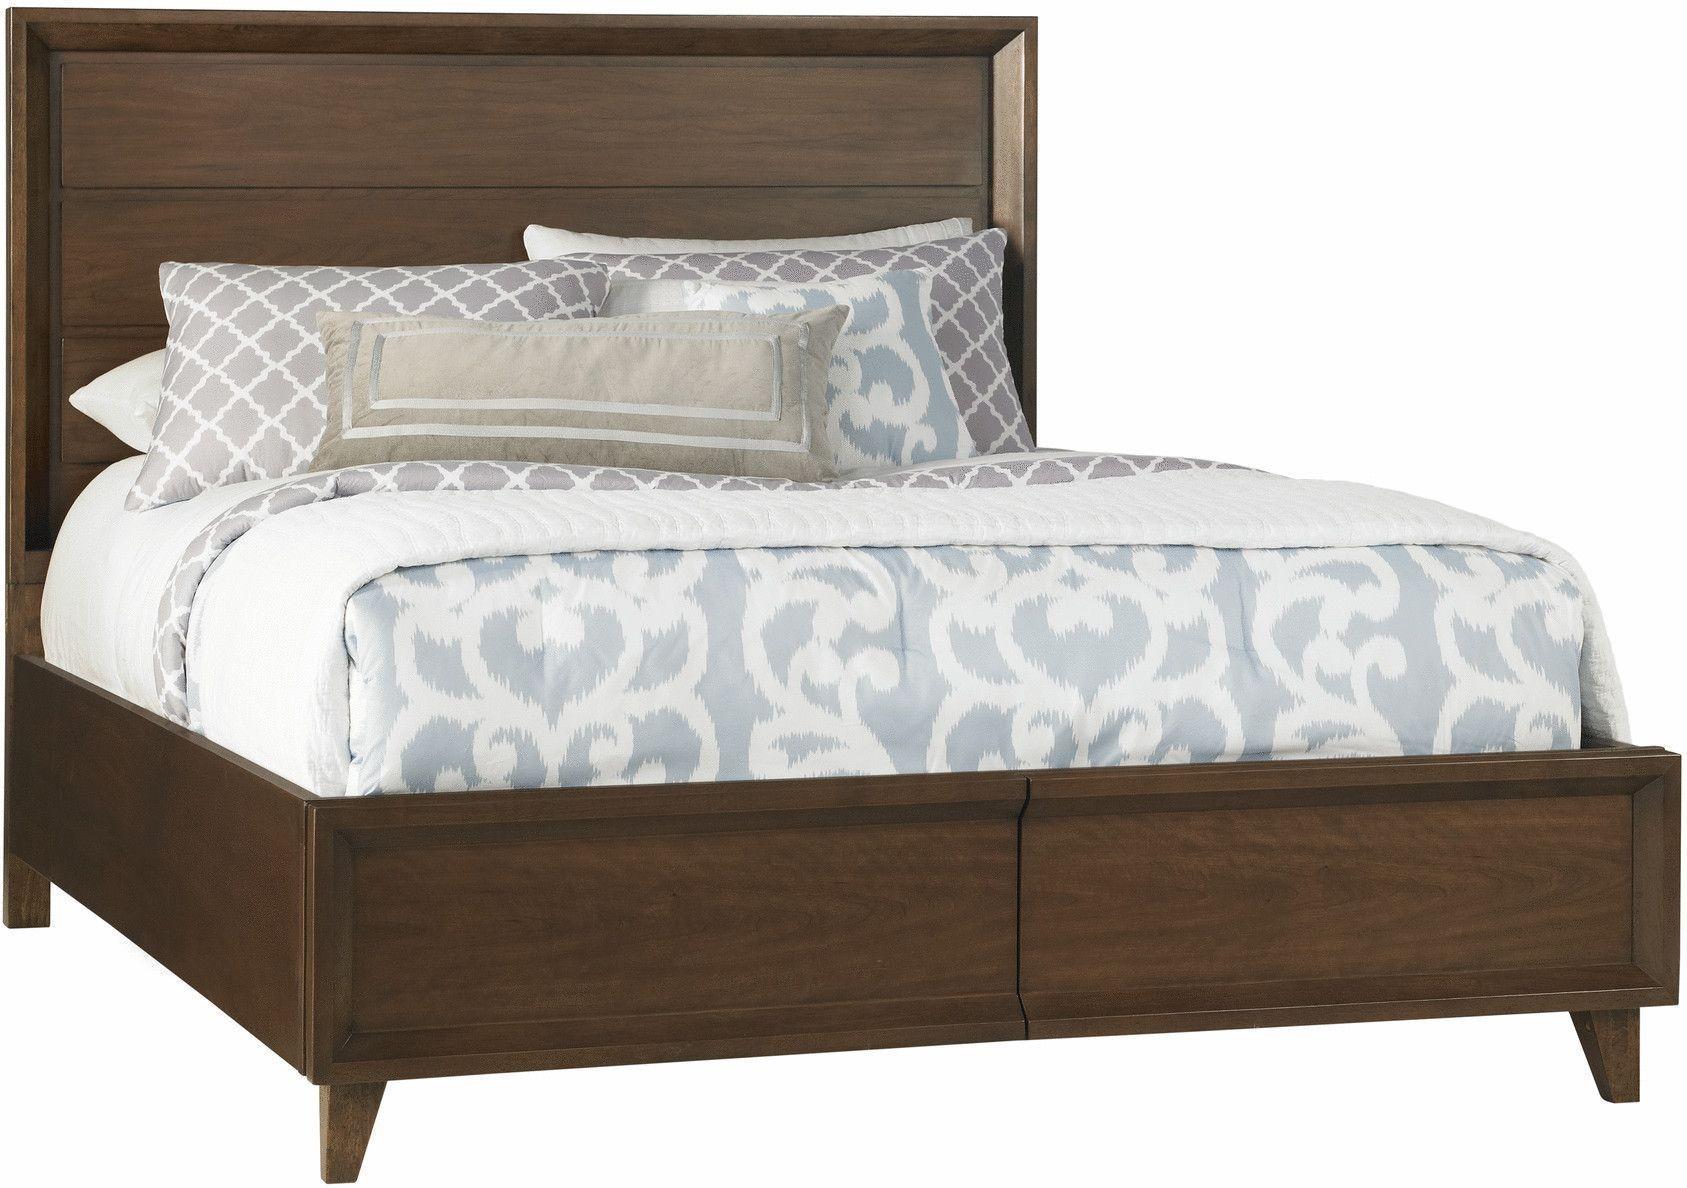 Wyndham Brown Raised Queen Panel Storage Bed 361 522kq